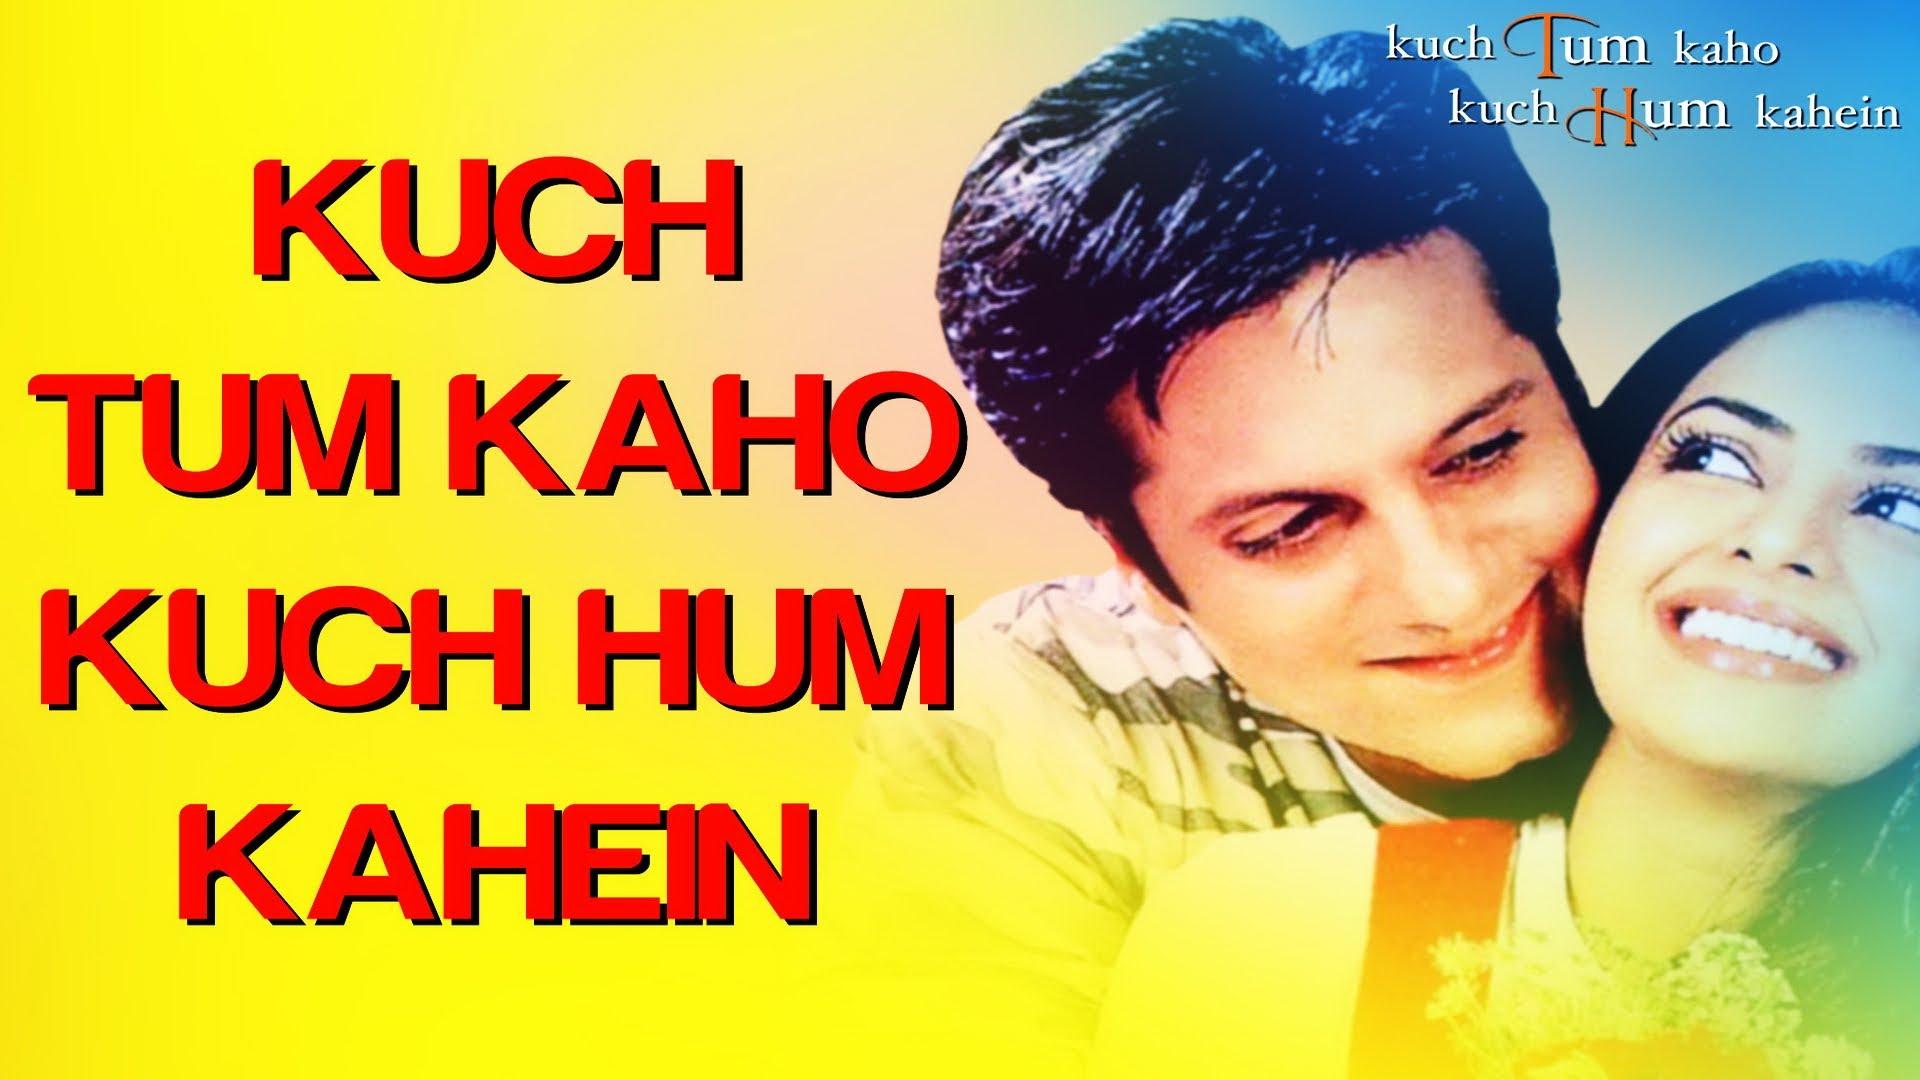 Kuch Tum Kaho Kuch Hum Kahein Lyrics